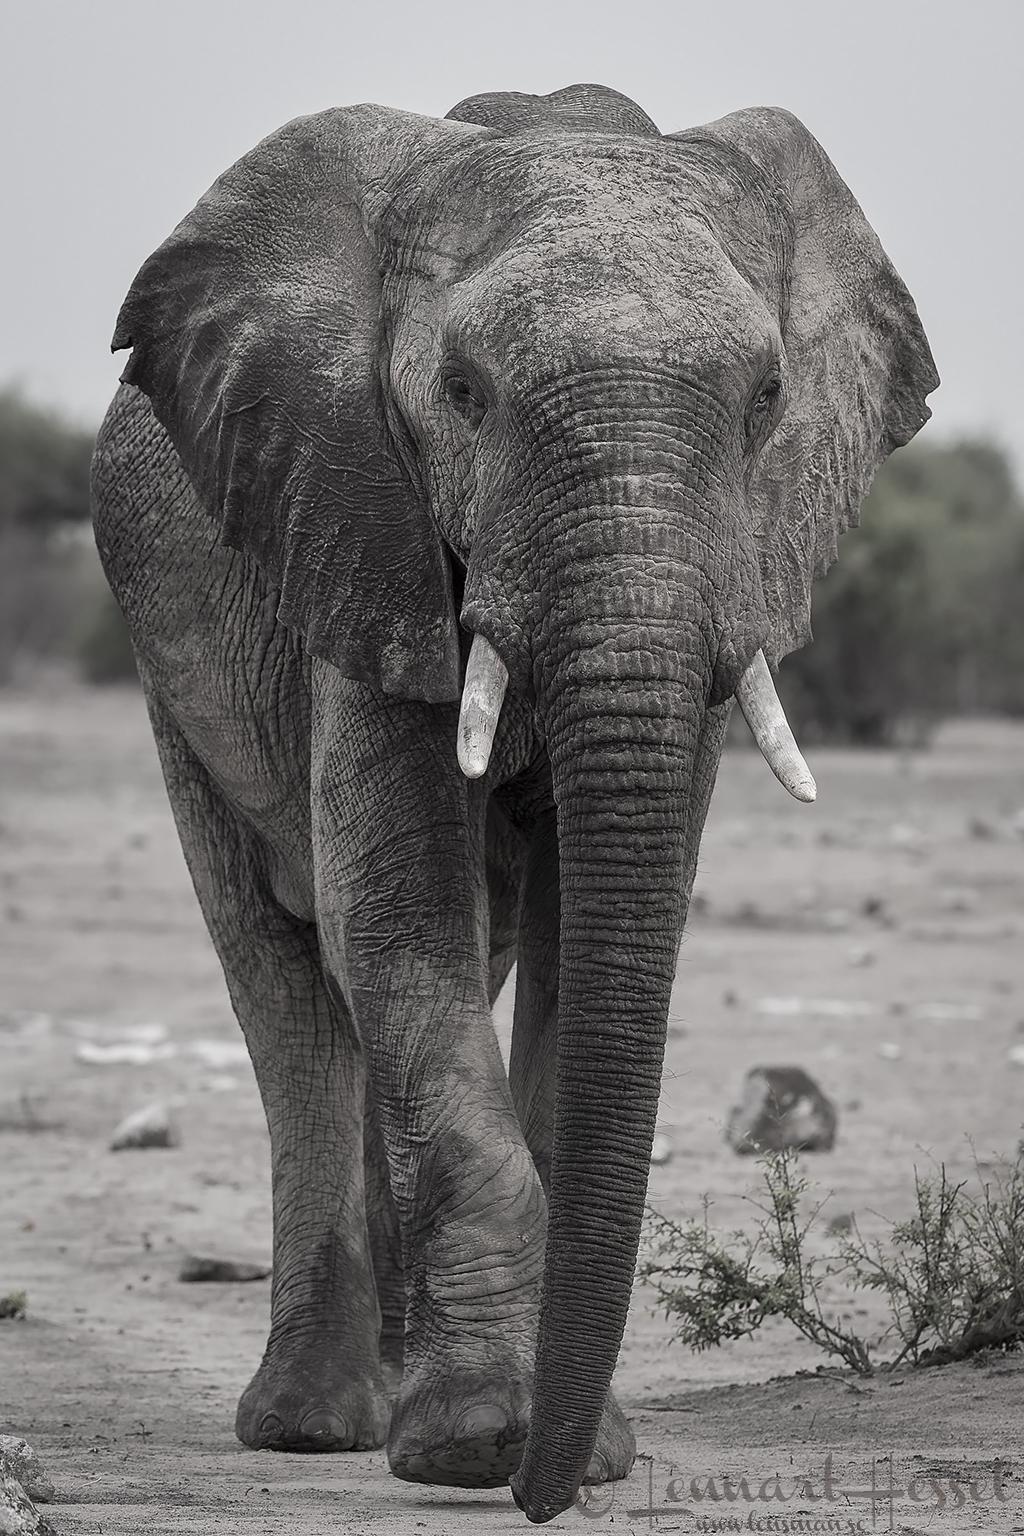 Elephant bull in Chobe River area, Botswana